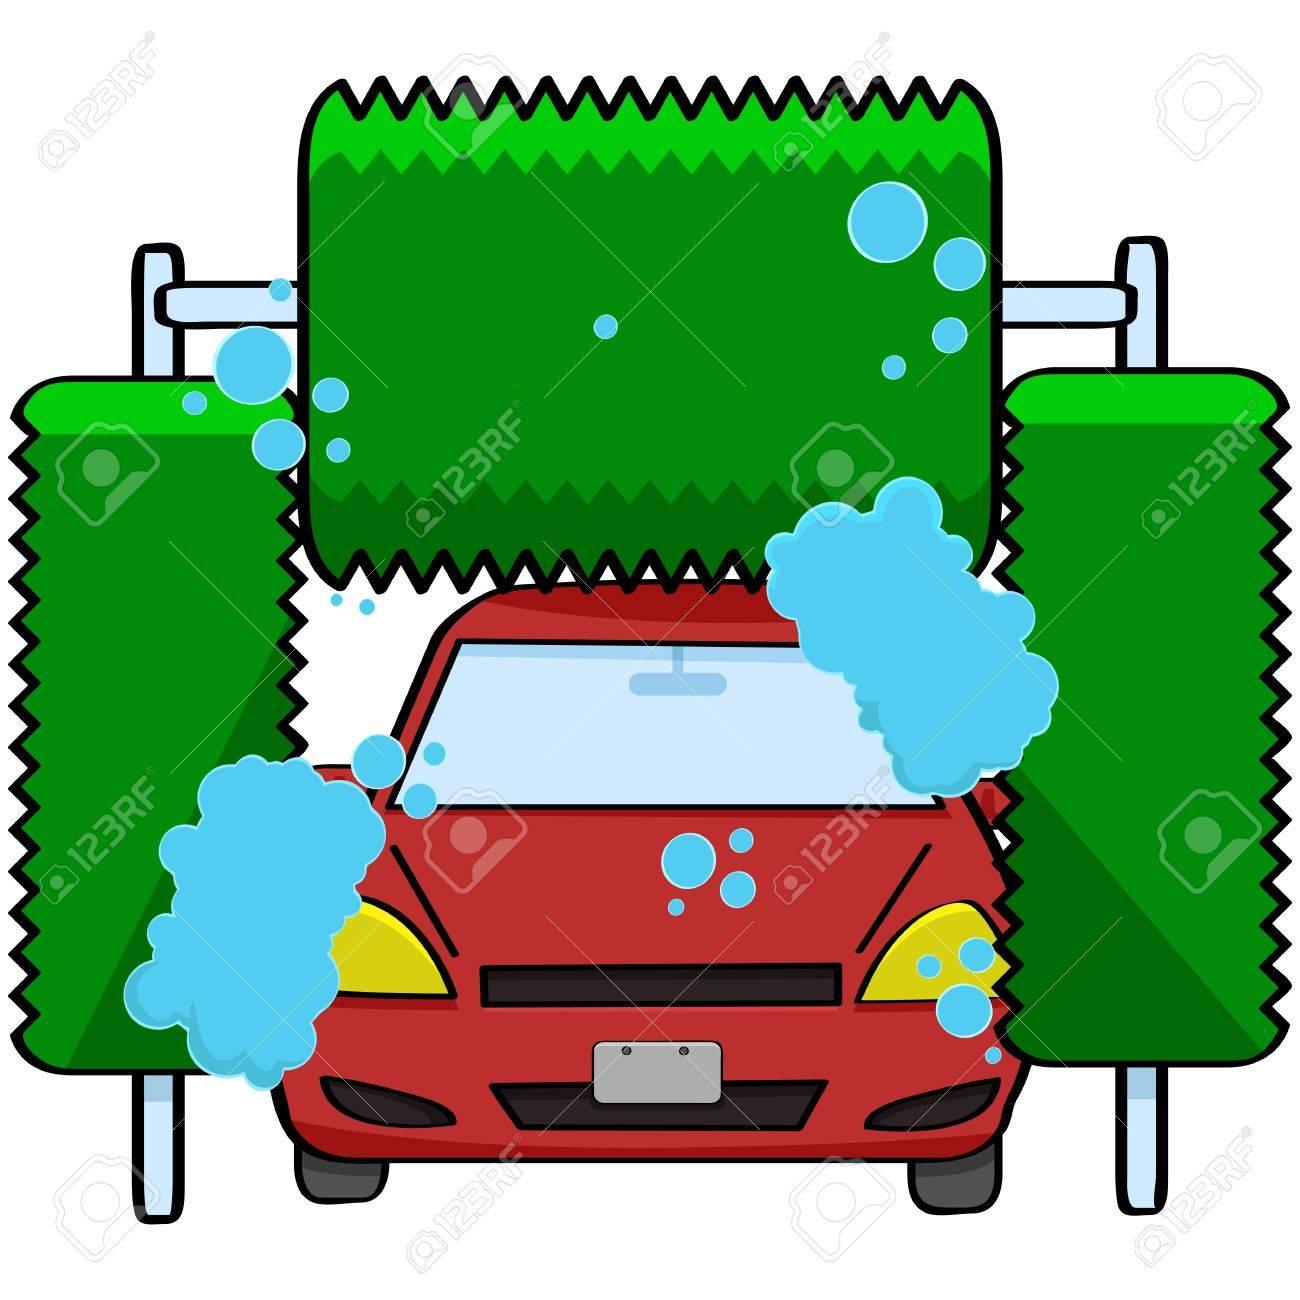 cartoon car wash cartoon illustration of a car inside a car wash